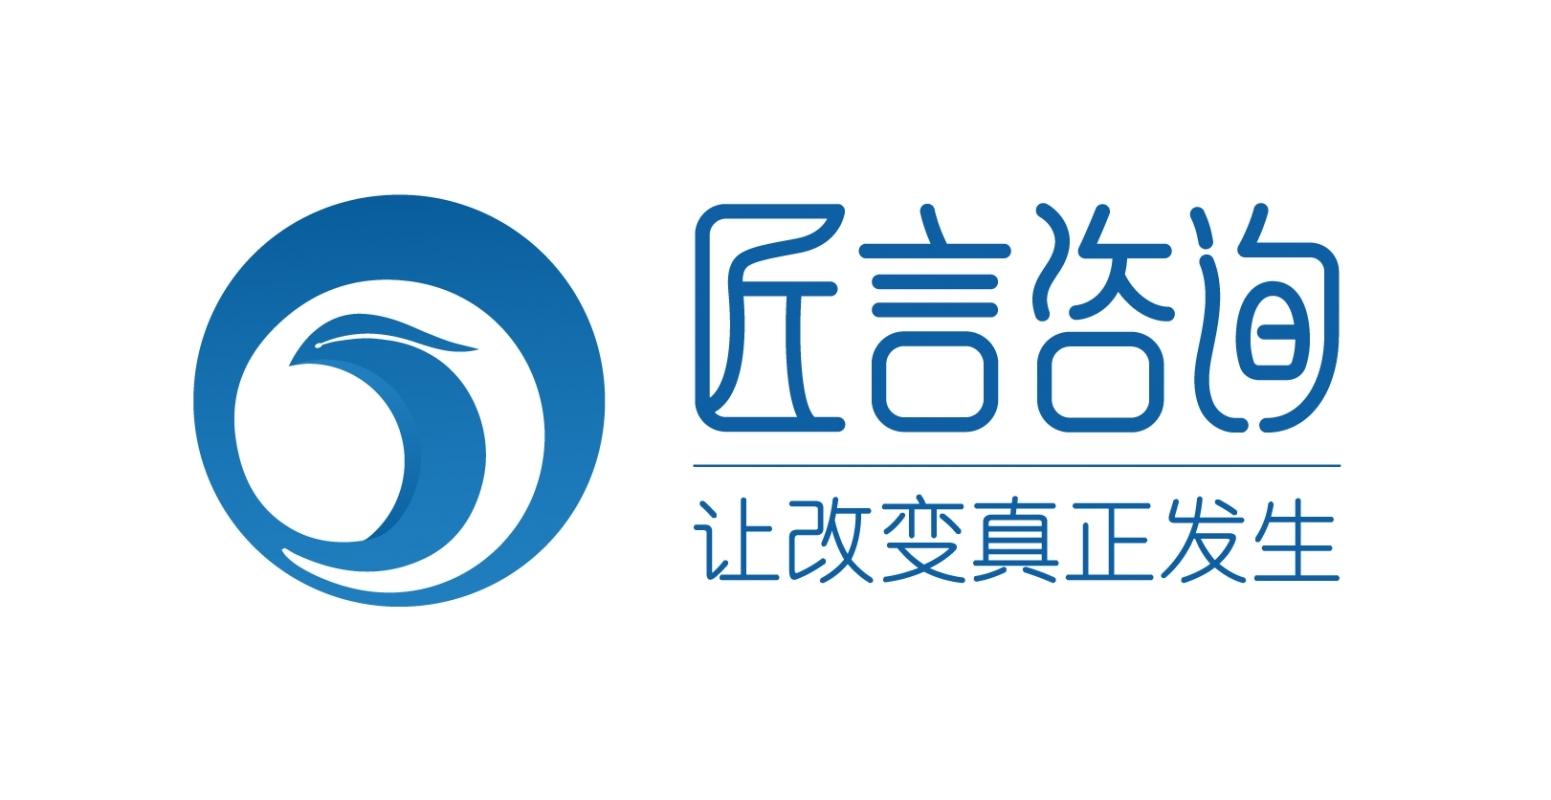 匠言(上海)企业管理咨询有限公司